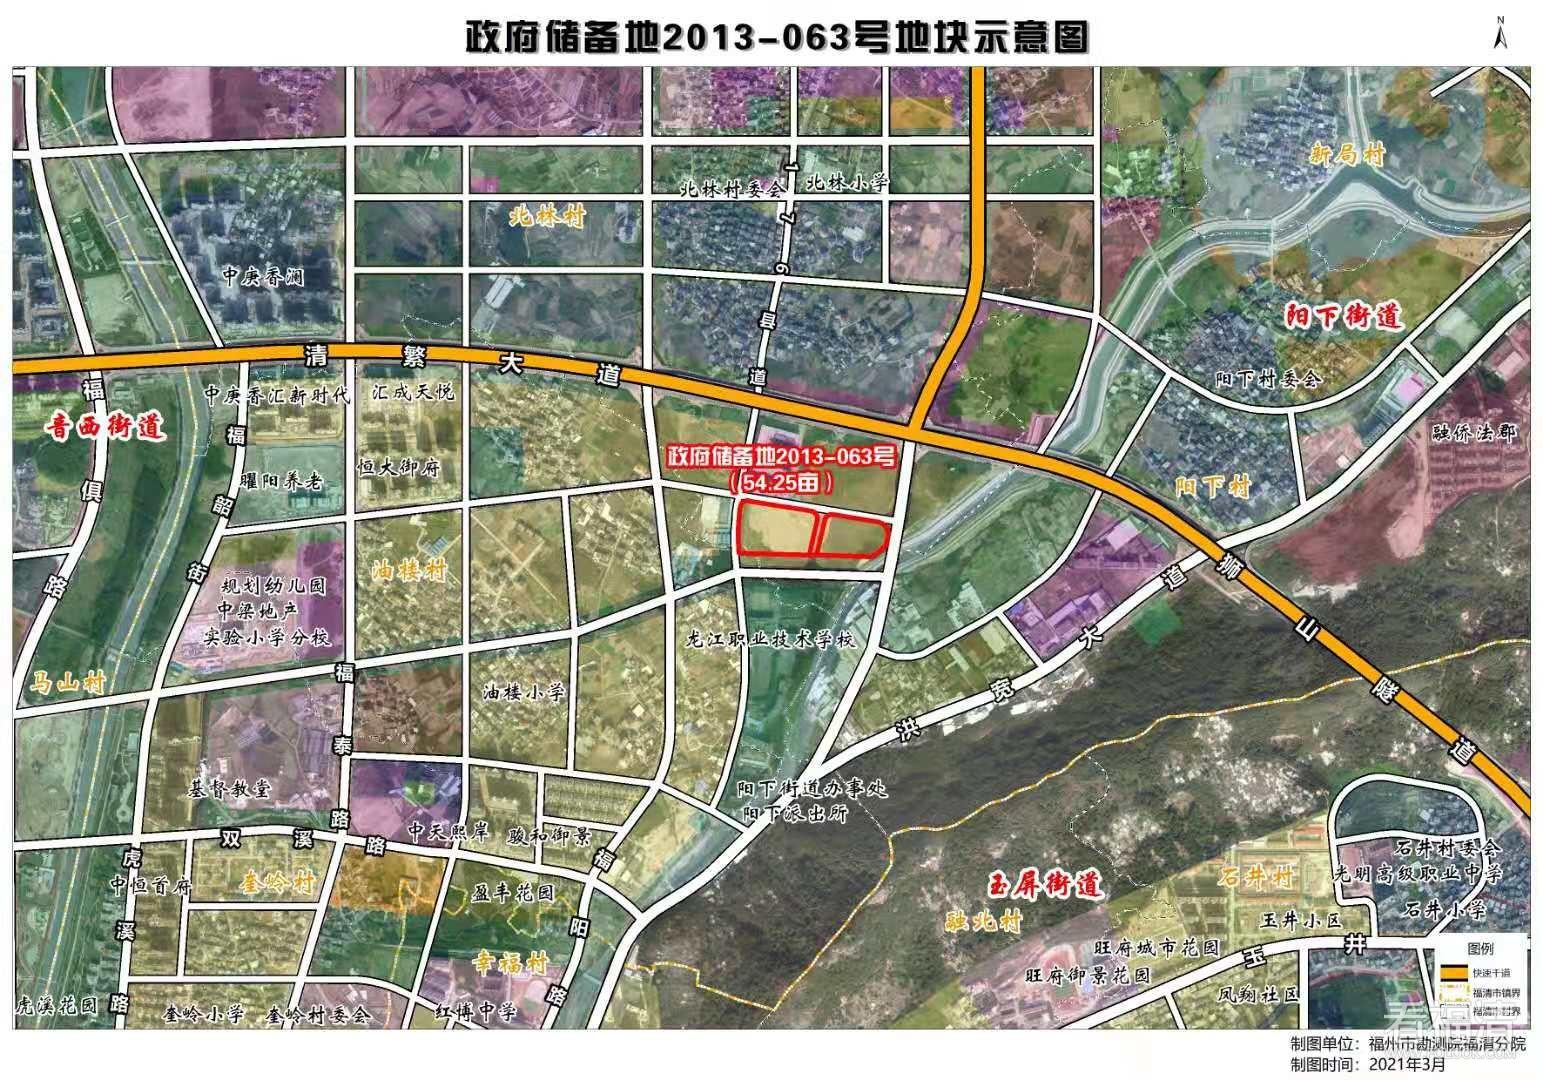 4月29日,福清又將拍賣三幅地塊(附高清位置圖)